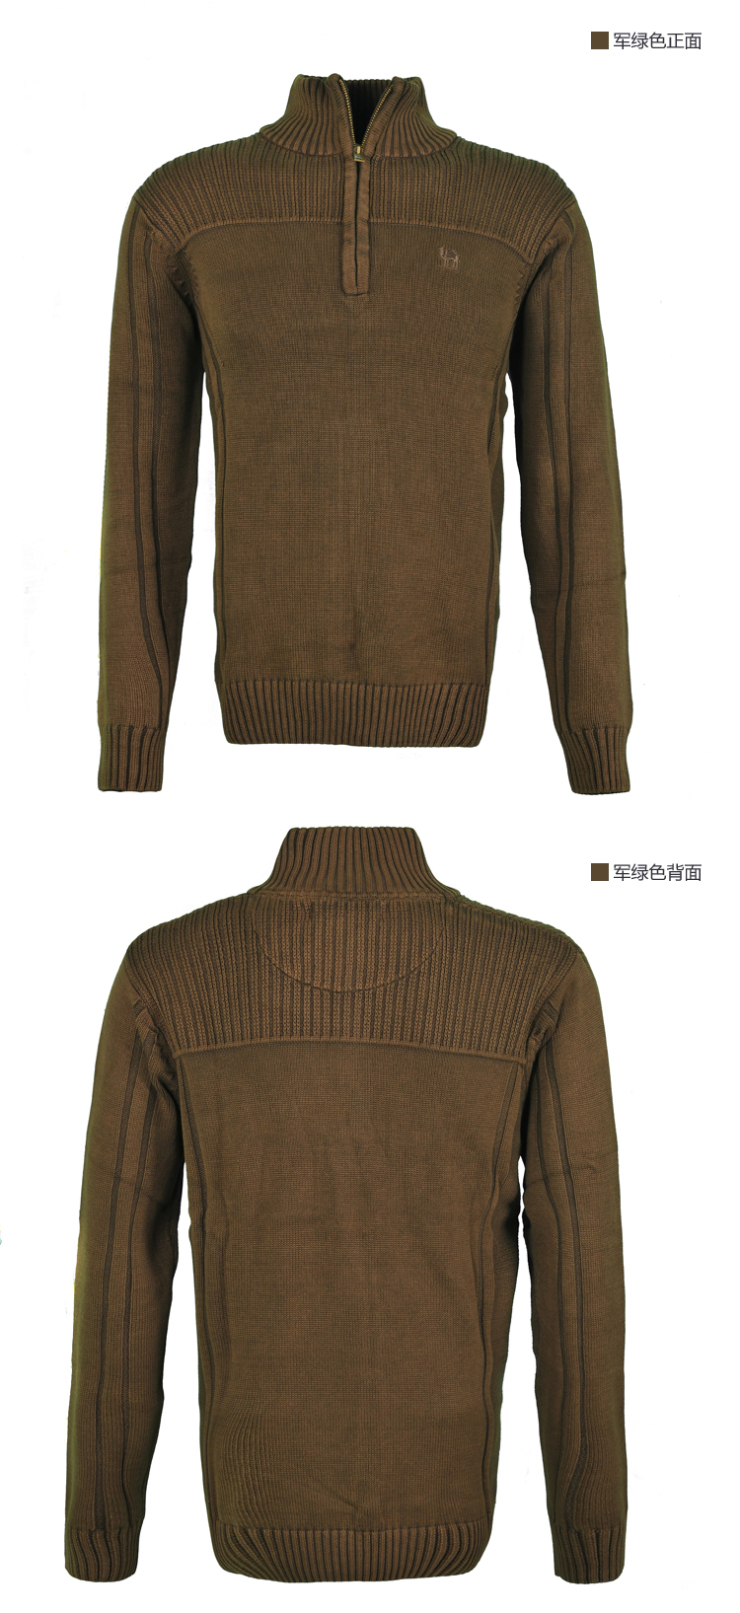 秋冬骆驼牌 热卖冬装 户外男式立领净色毛衣t恤